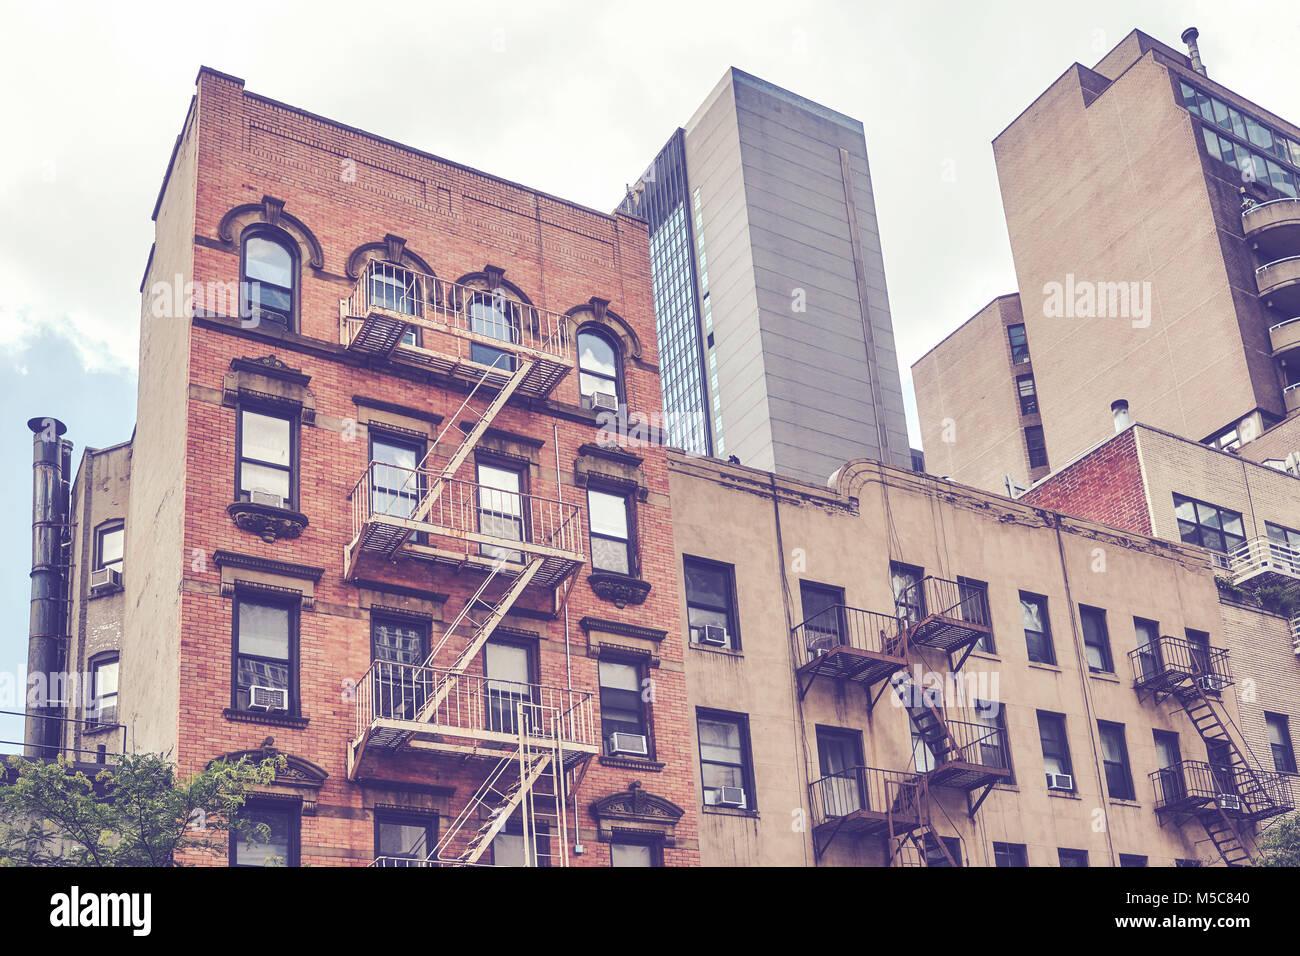 Vintage getonten Bild von Gebäuden mit Feuer in der New York City, USA. Stockbild